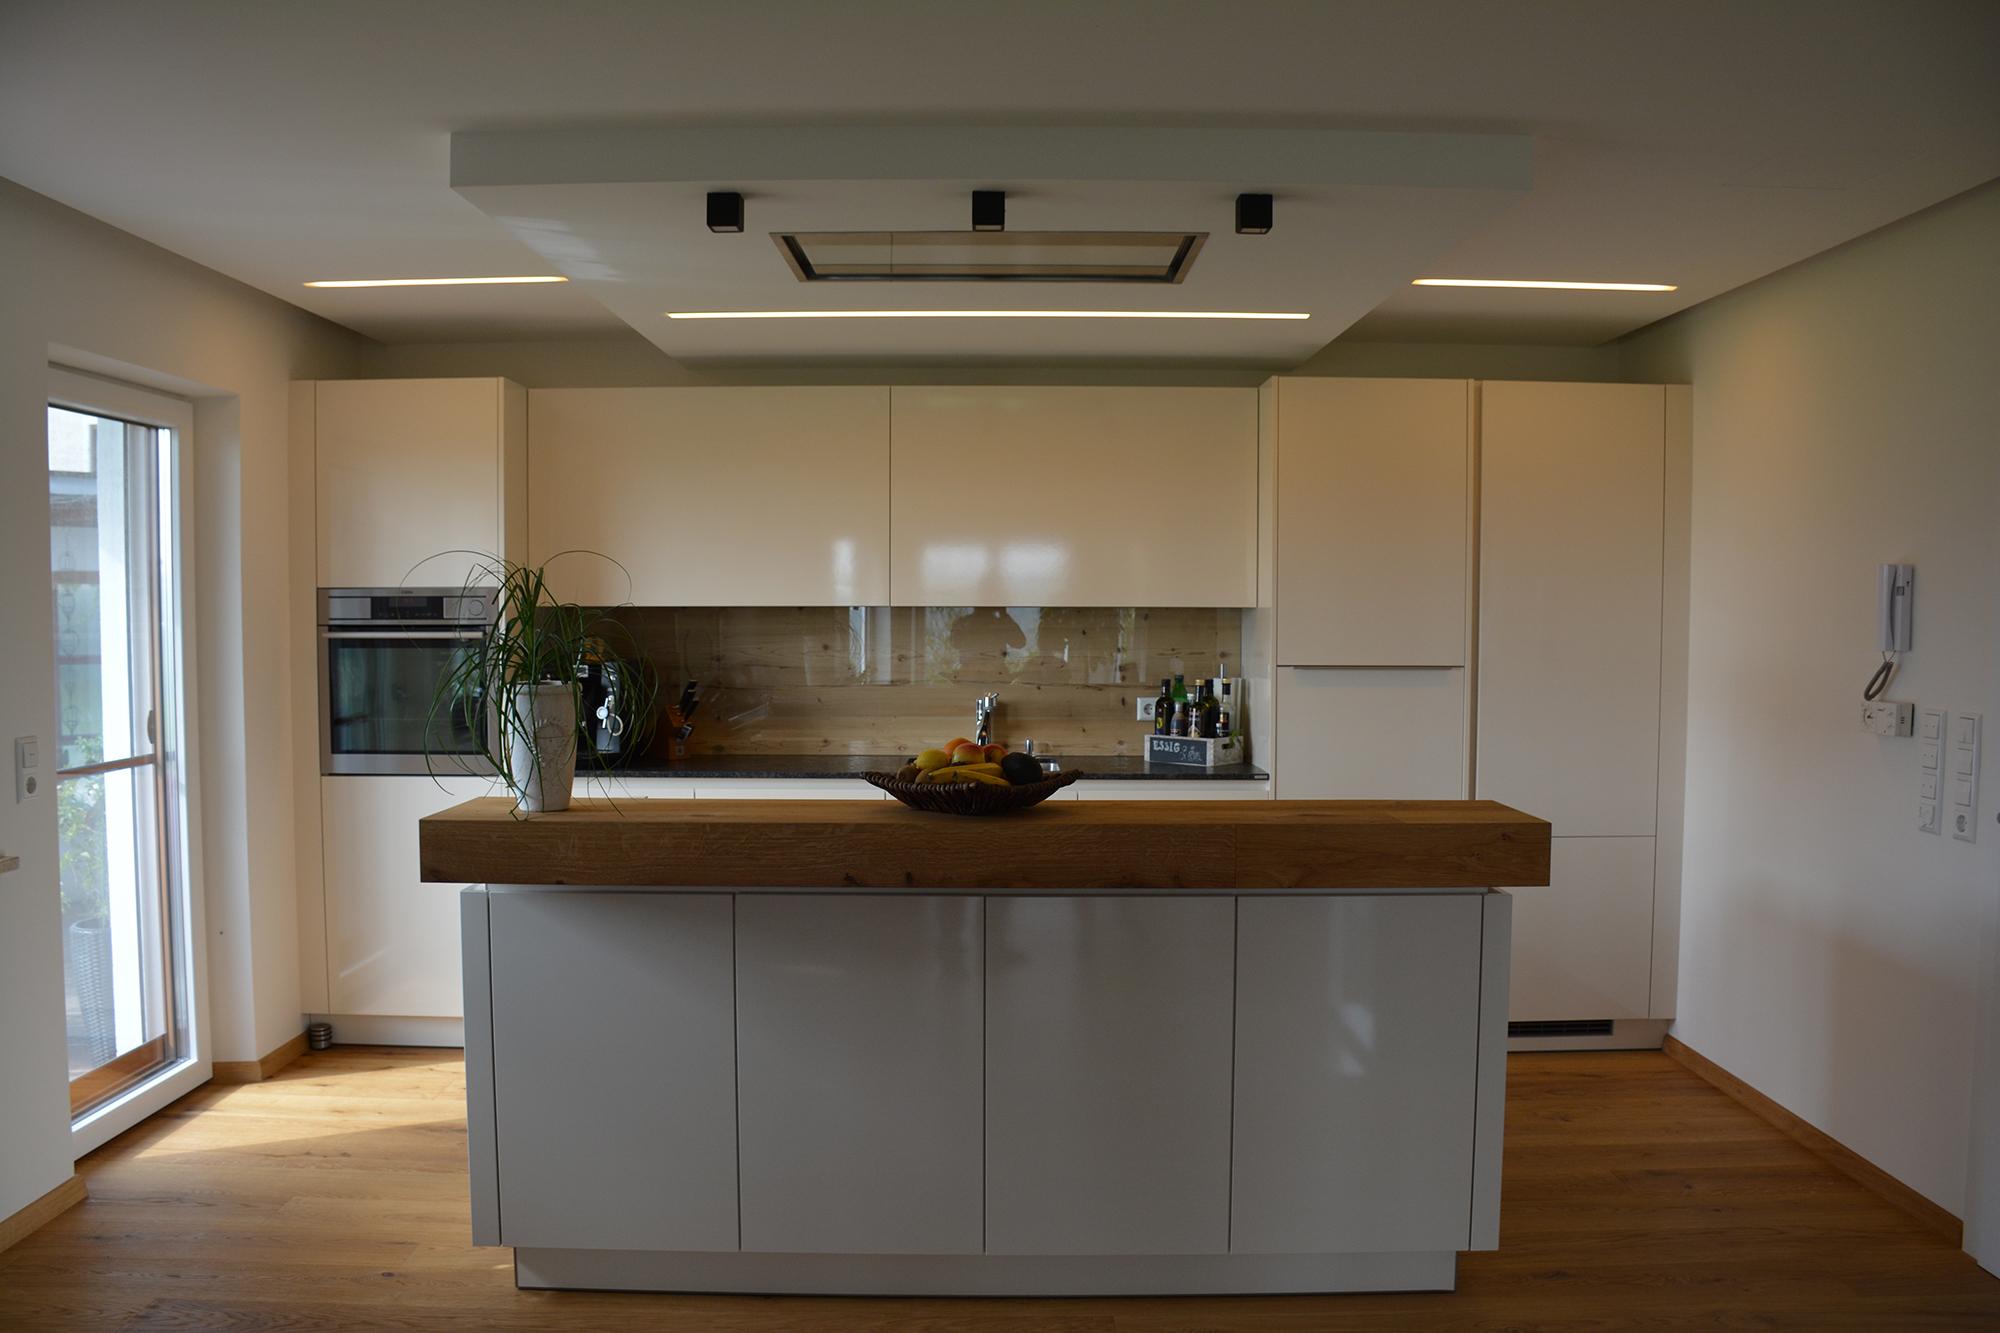 bau reparatur und einrichtung dekoration 21 40 ergebnisse von infobel sterreich. Black Bedroom Furniture Sets. Home Design Ideas